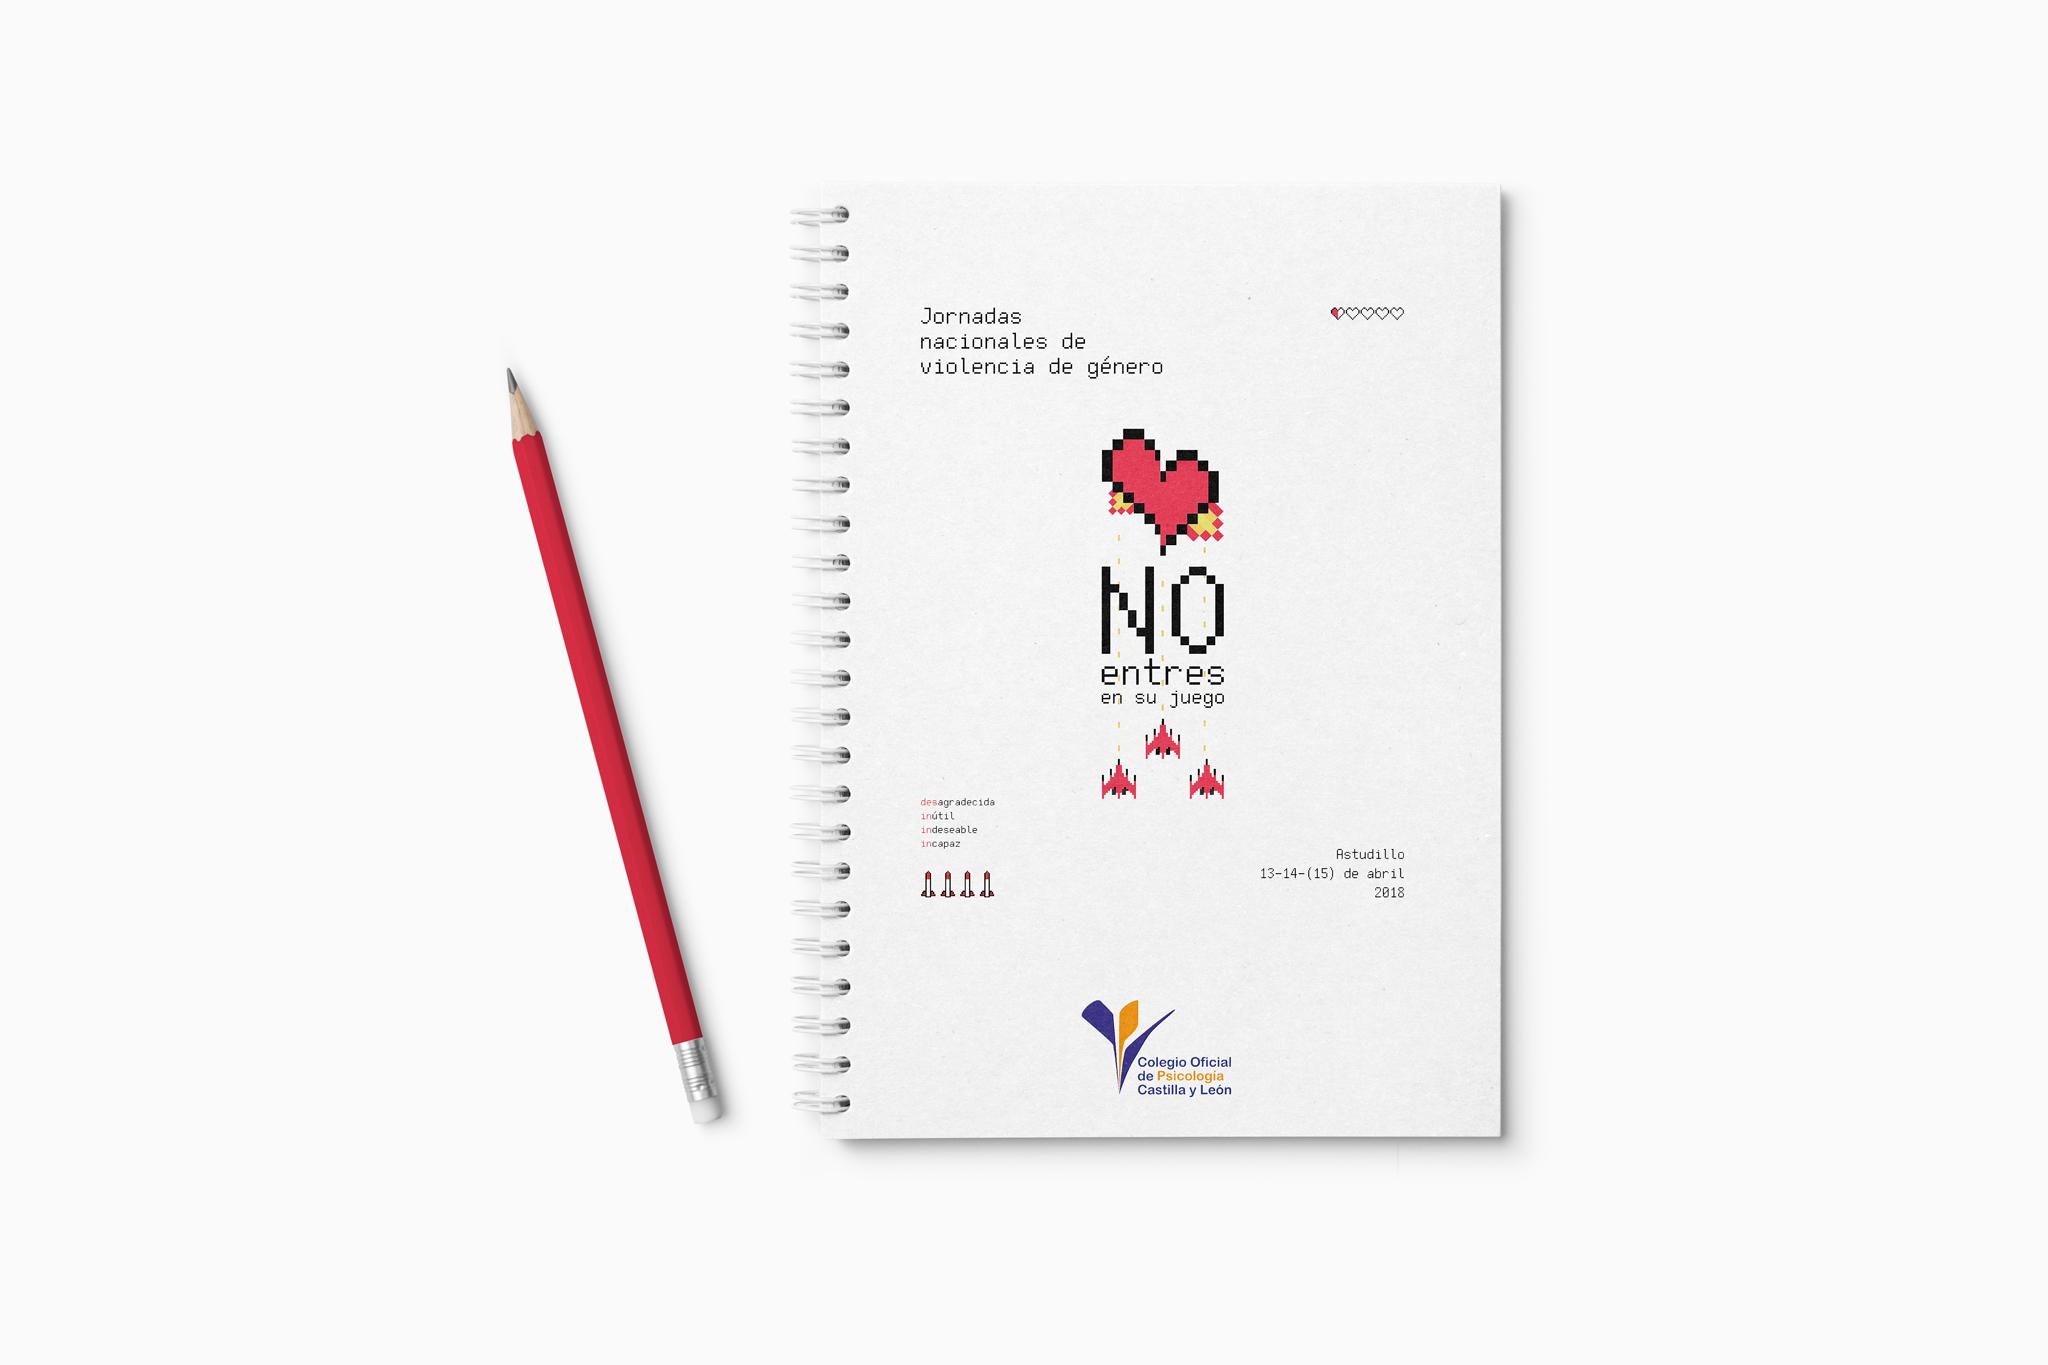 Jornadas nacionales de violencia de género libreta